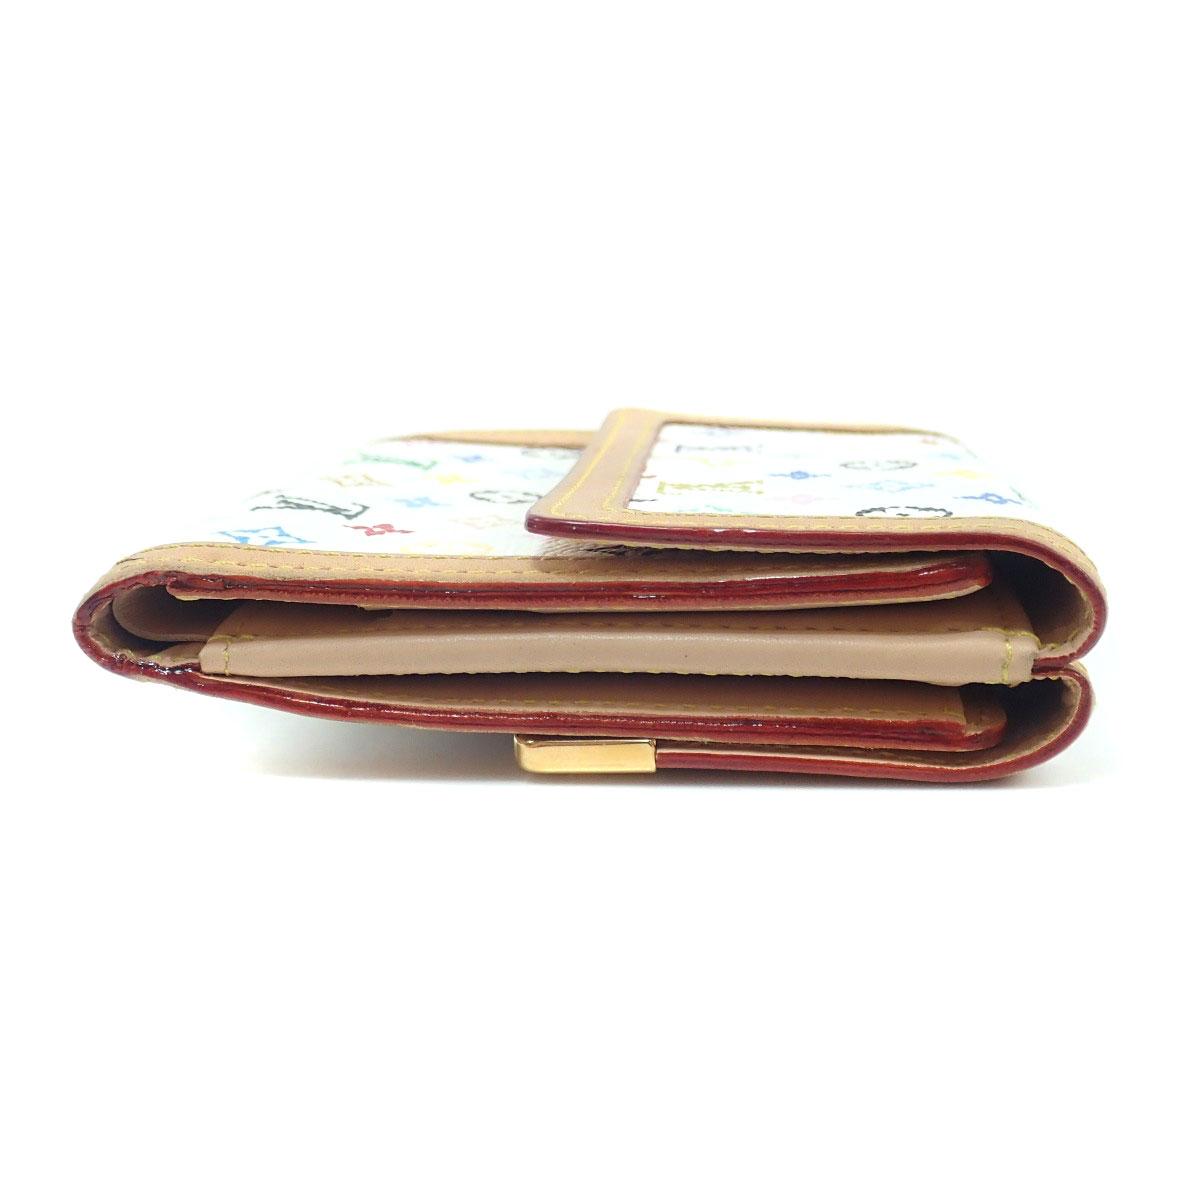 3ea4c2c05f04 LOUIS VUITTON M92983 Wホック モノグラムマルチカラーキャンバス レディース 【中古】【ルイ・ヴィトン】 二つ折り財布 (小銭入れあり)-レディース財布